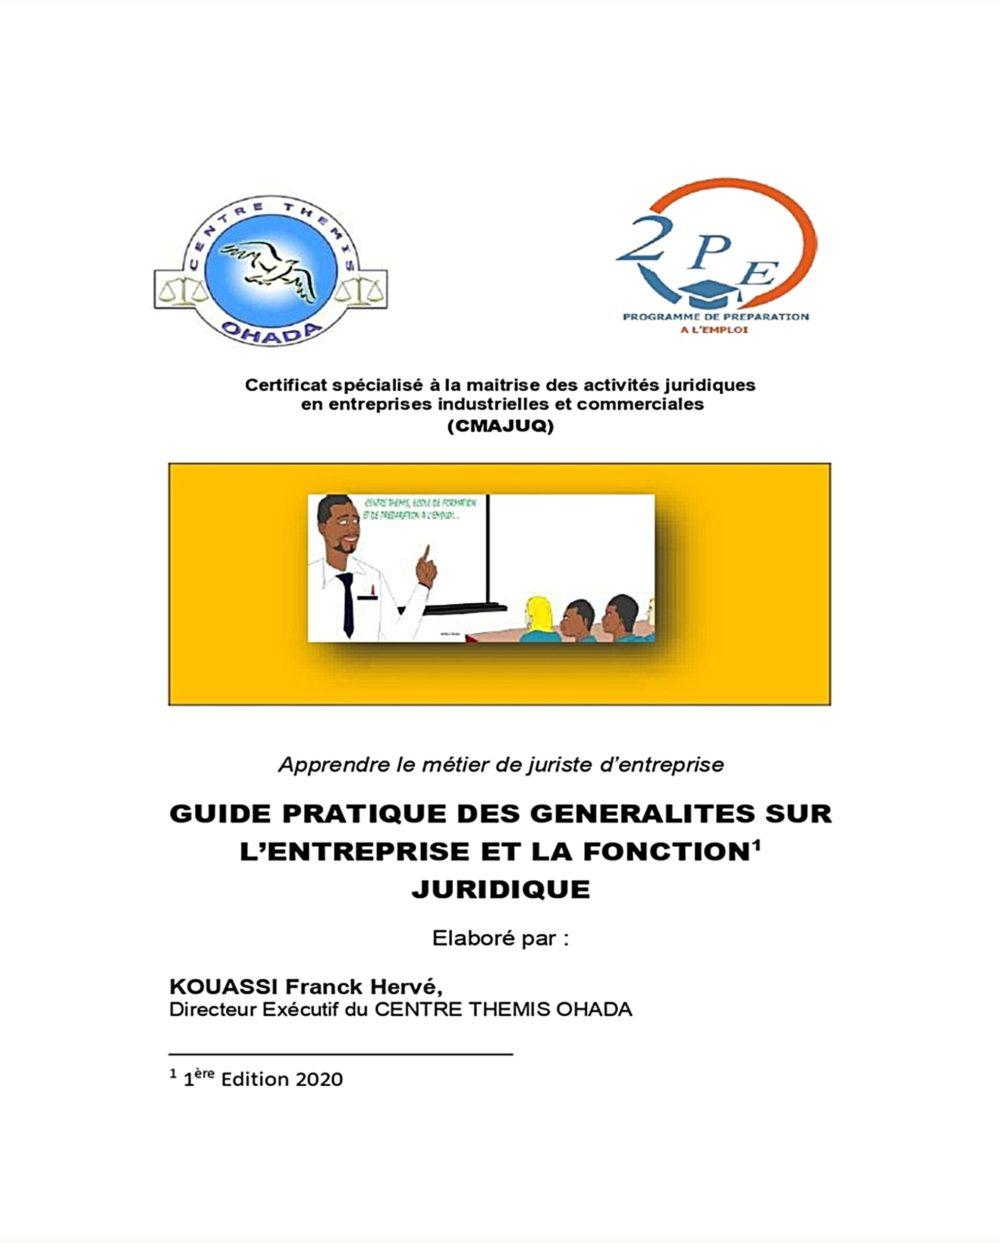 Guide pratique du Certificat à la maîtrise des activités juridiques dans les entreprises industrielles et commerciales-Ouvrage Brochure_IVOIRE-DOCUMENT